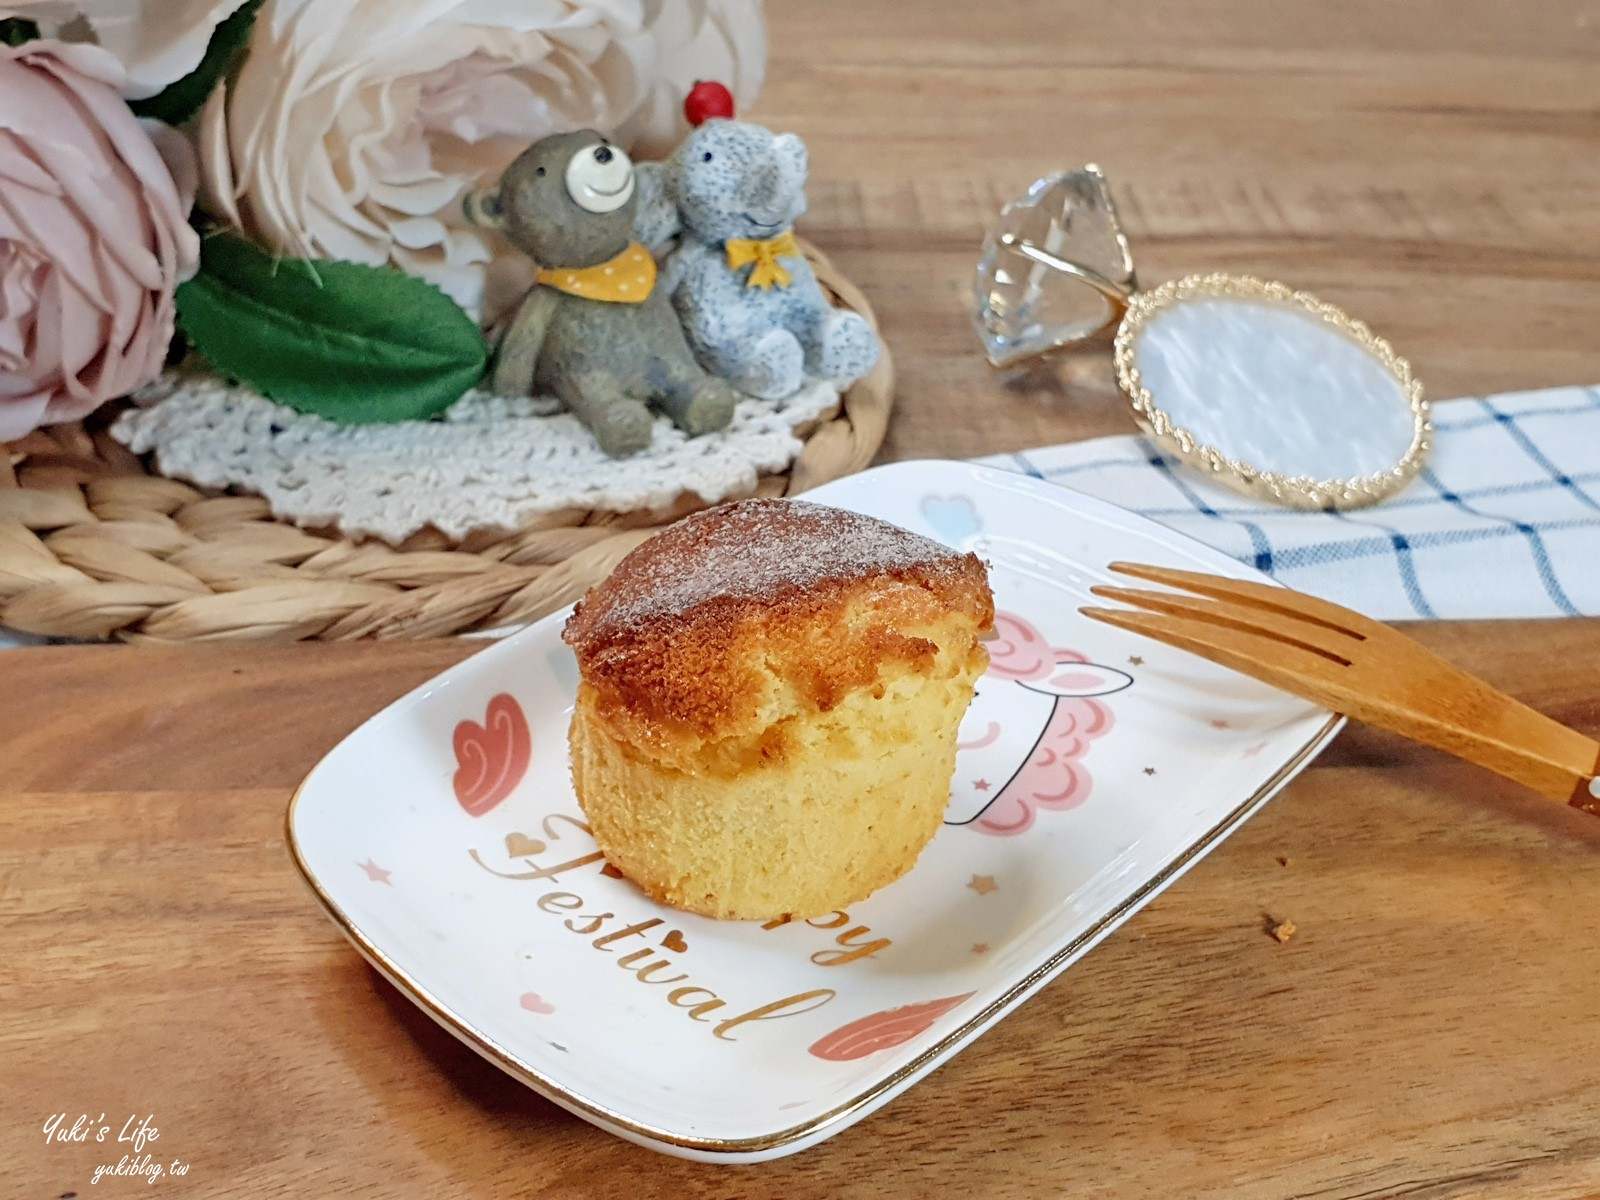 氣炸鍋簡單食譜》鬆餅粉蛋糕~原來鬆餅粉可以做蛋糕!一起親子DIY - yukiblog.tw